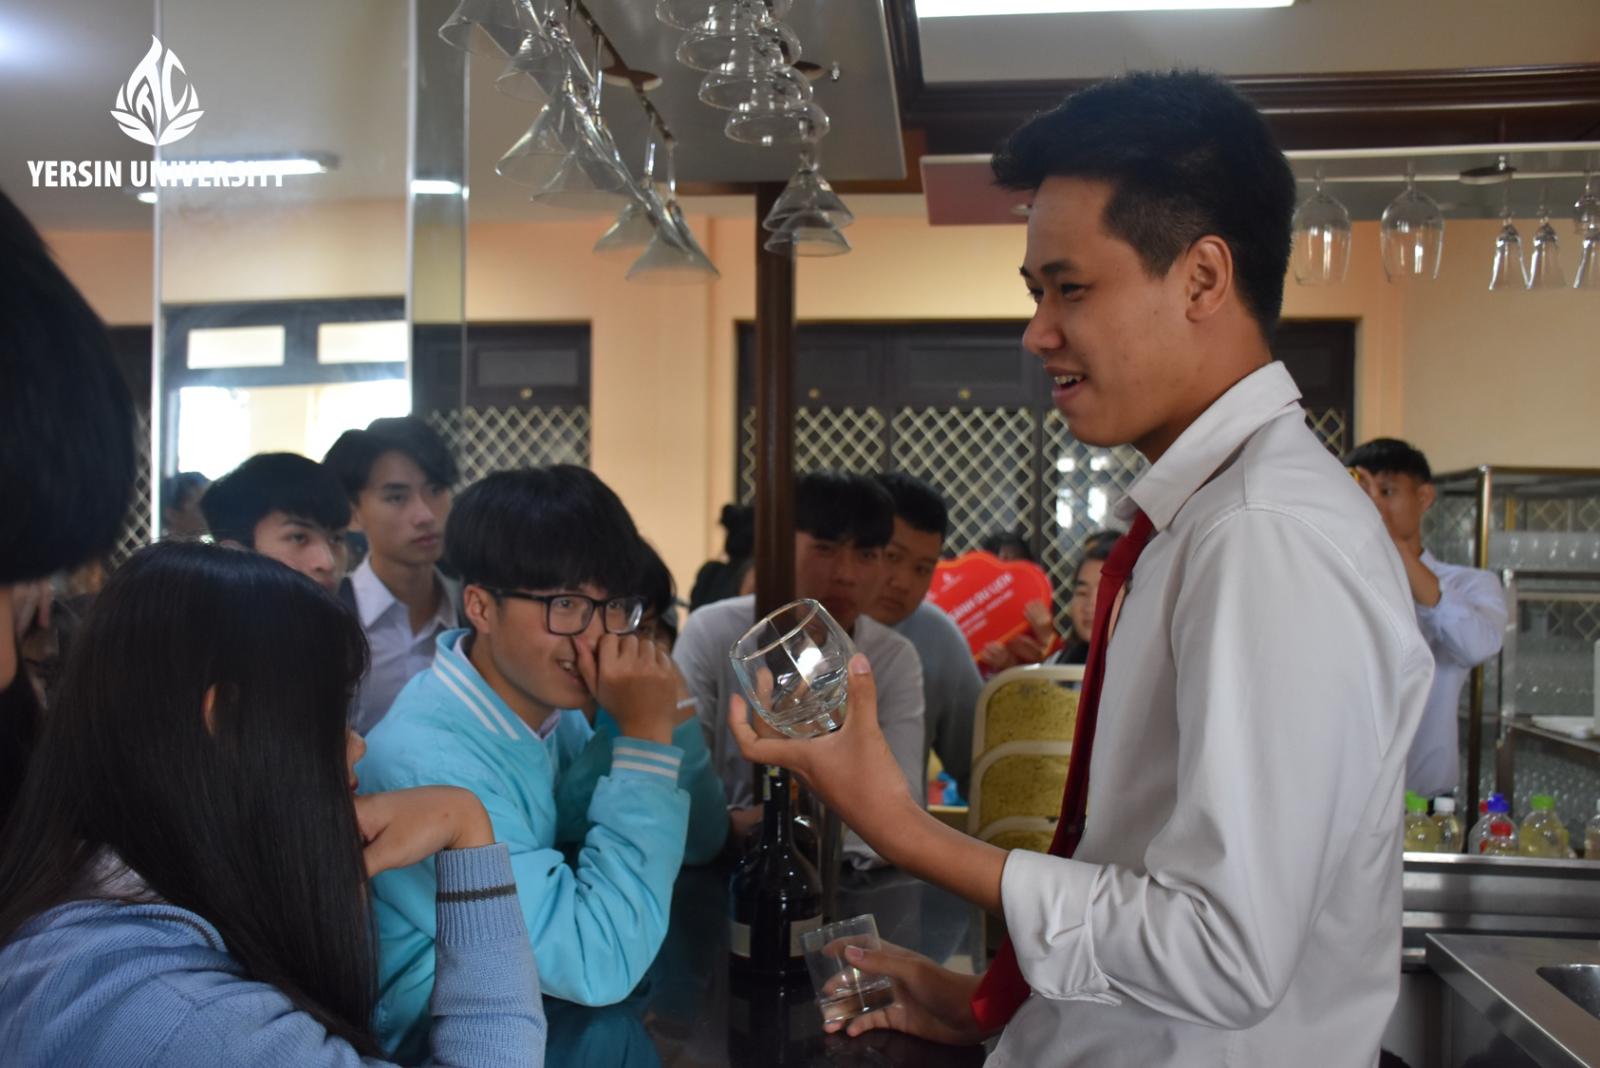 Chương trình trải nghiệm - Yersin University Tour, Trường Đại học Yersin Đà Lạt